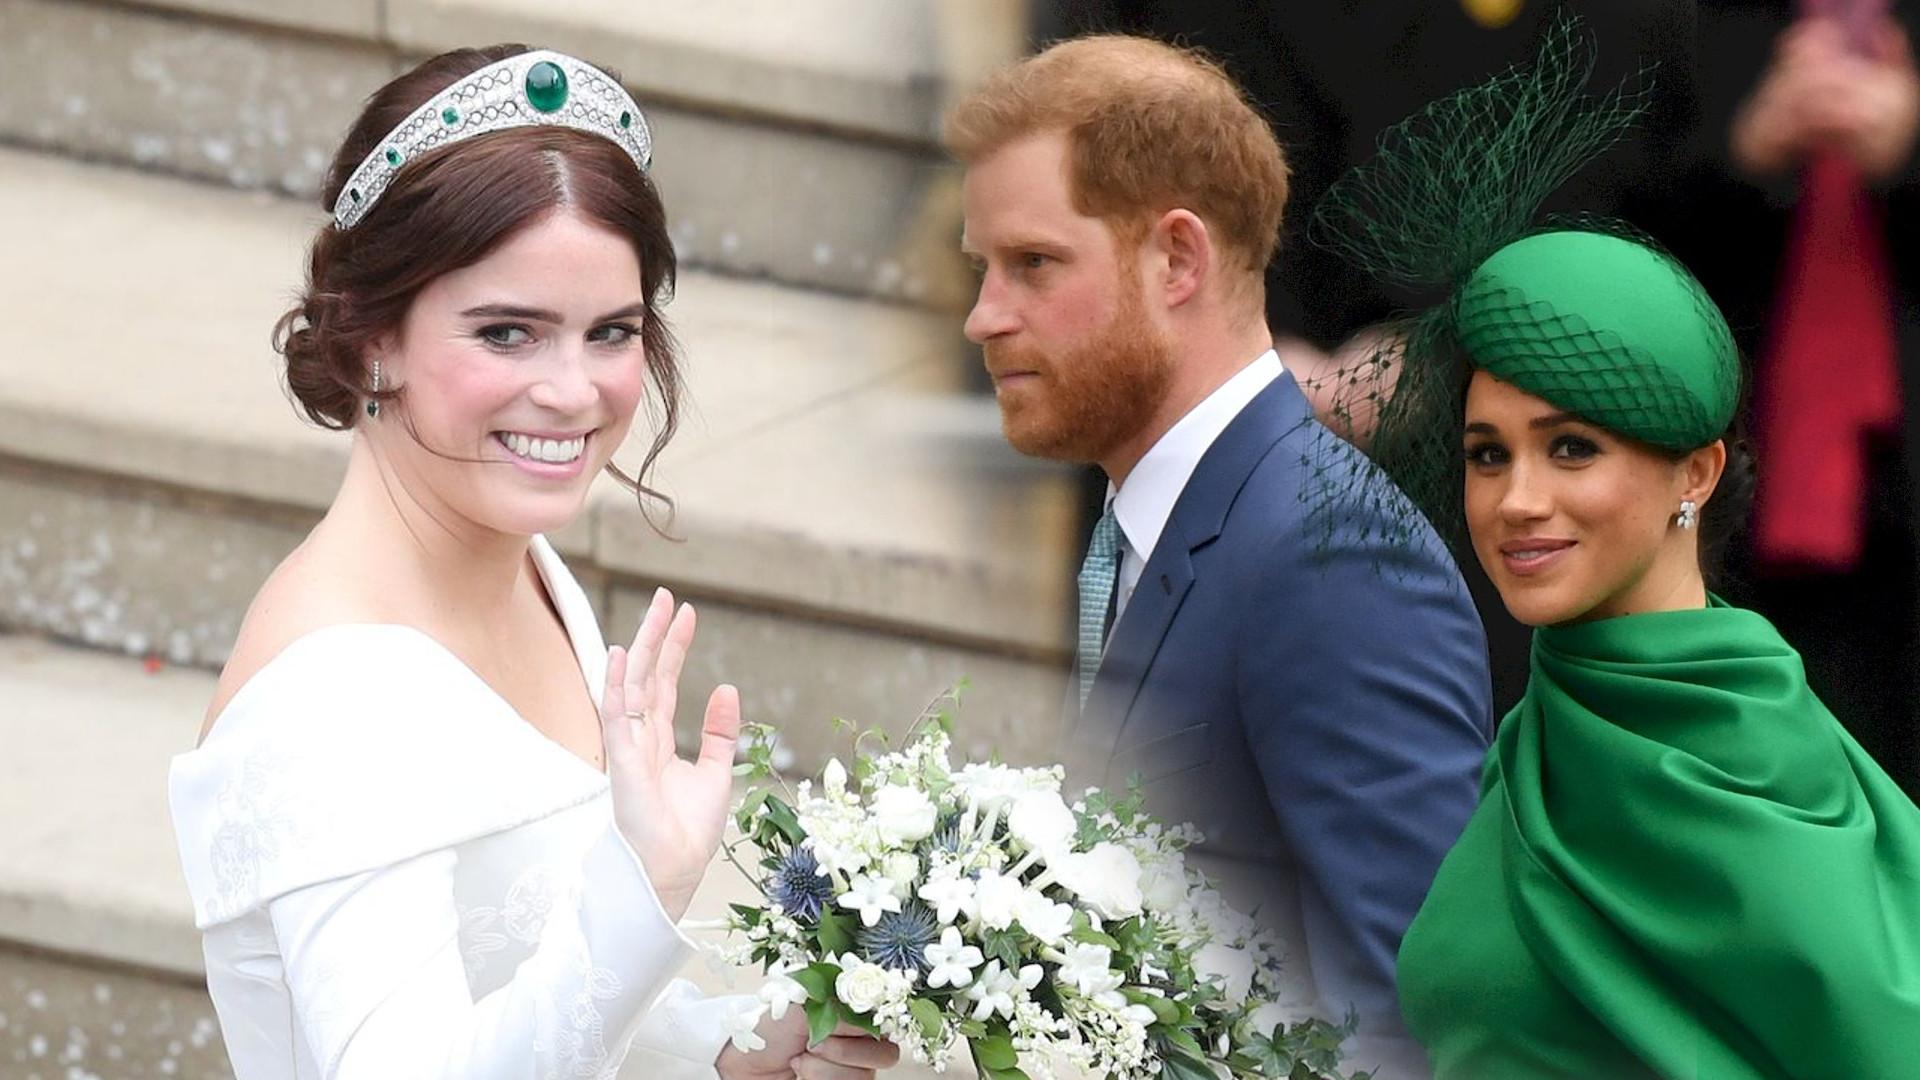 Ogłosili ciążę na jej ślubie. Jak Meghan i Harry zareagowali na to, że księżniczka Eugenia spodziewa się dziecka?